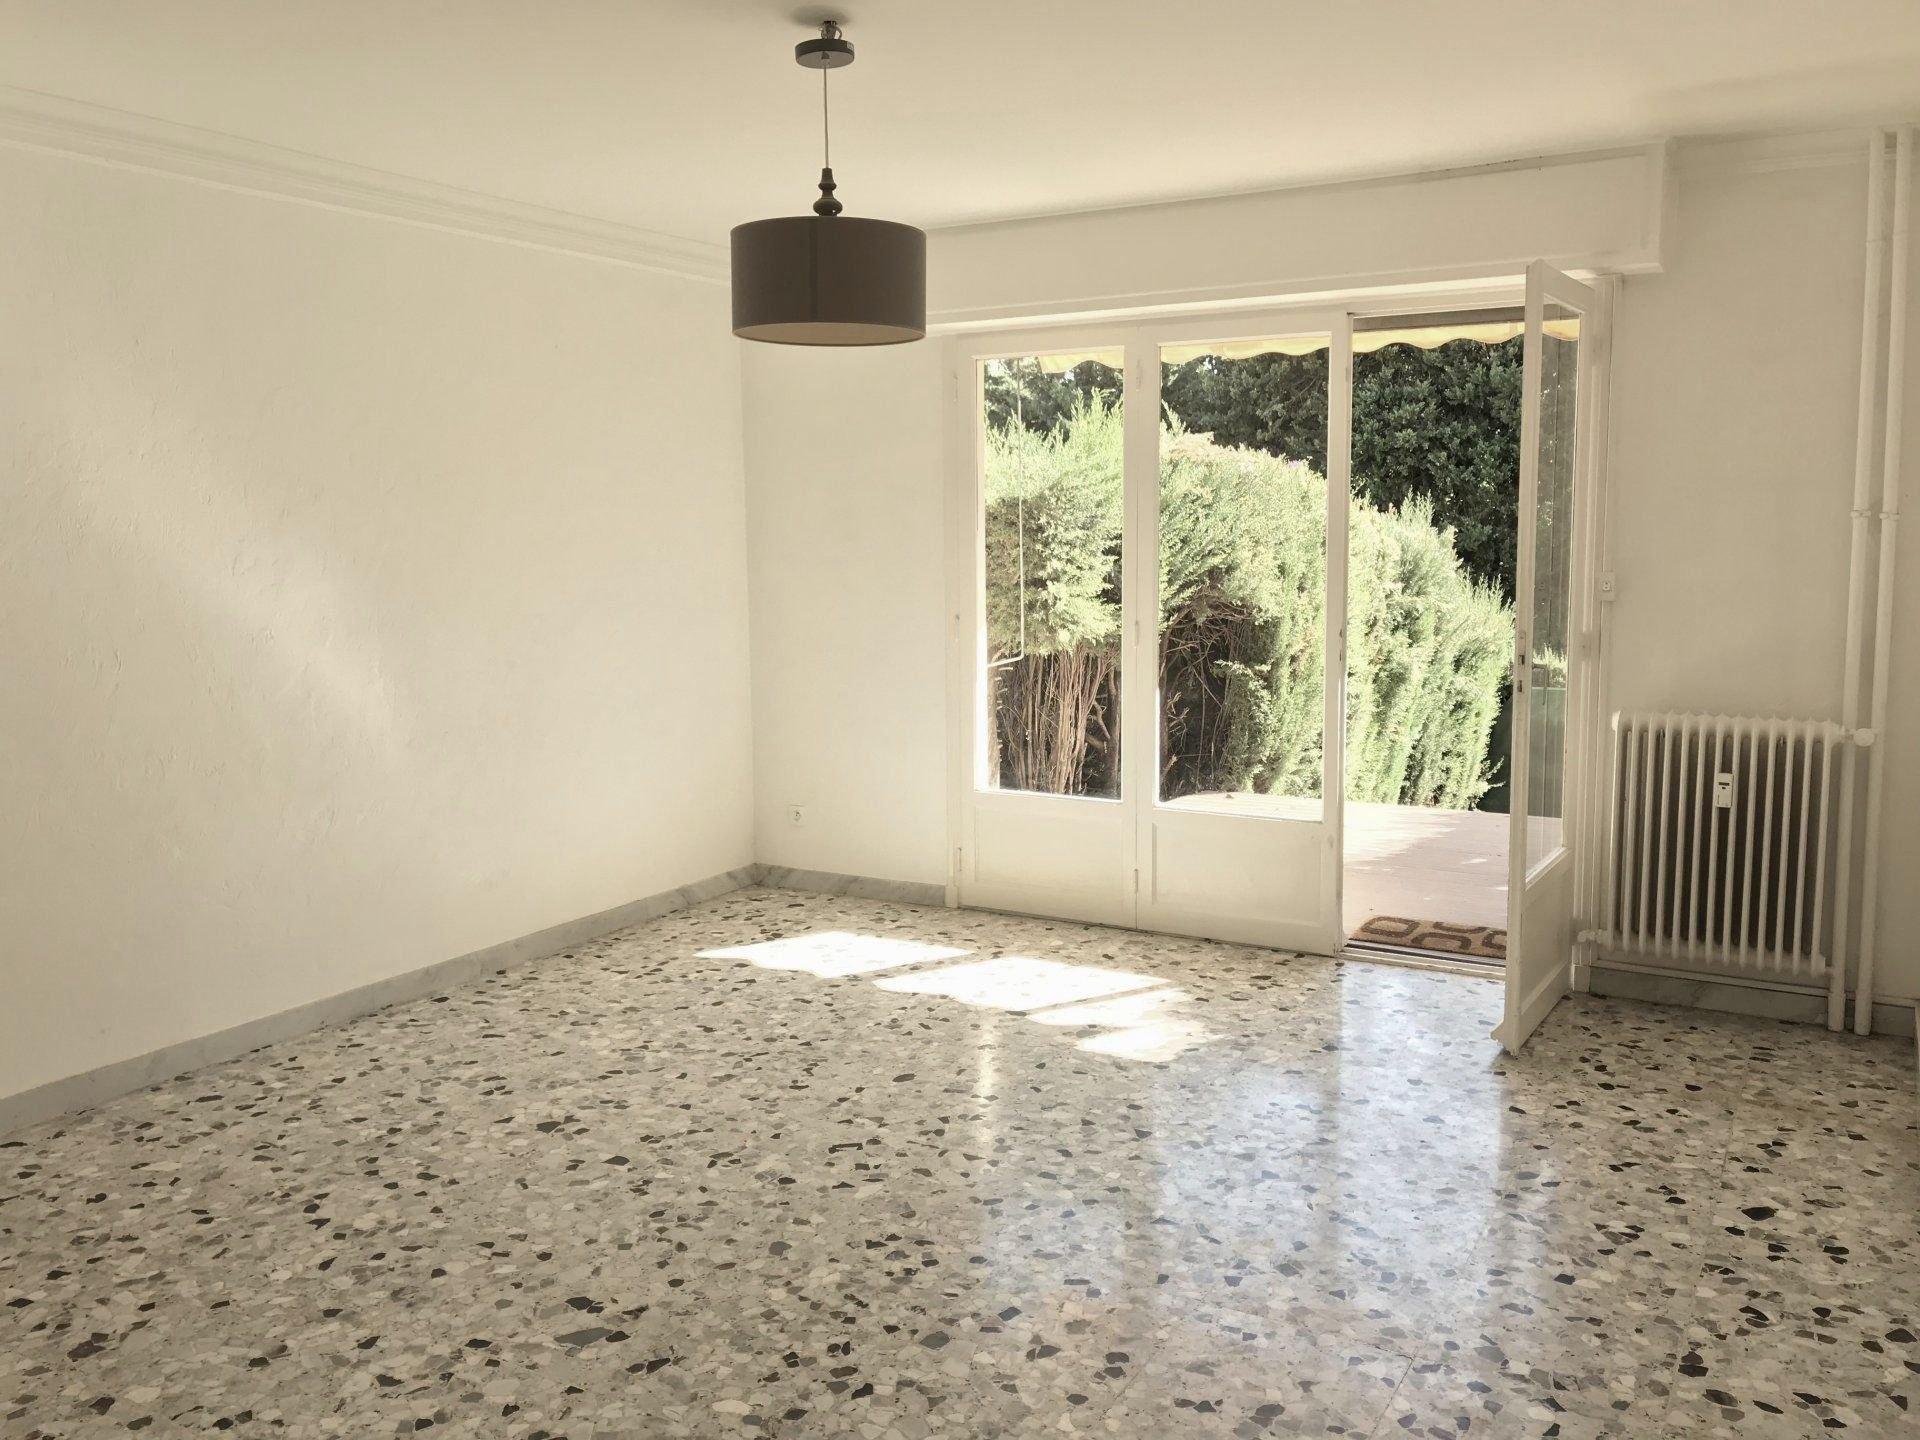 LE CANNET résidence Montjoli T3 63,44 m2 avec terrasse / jardinet / parking / cave